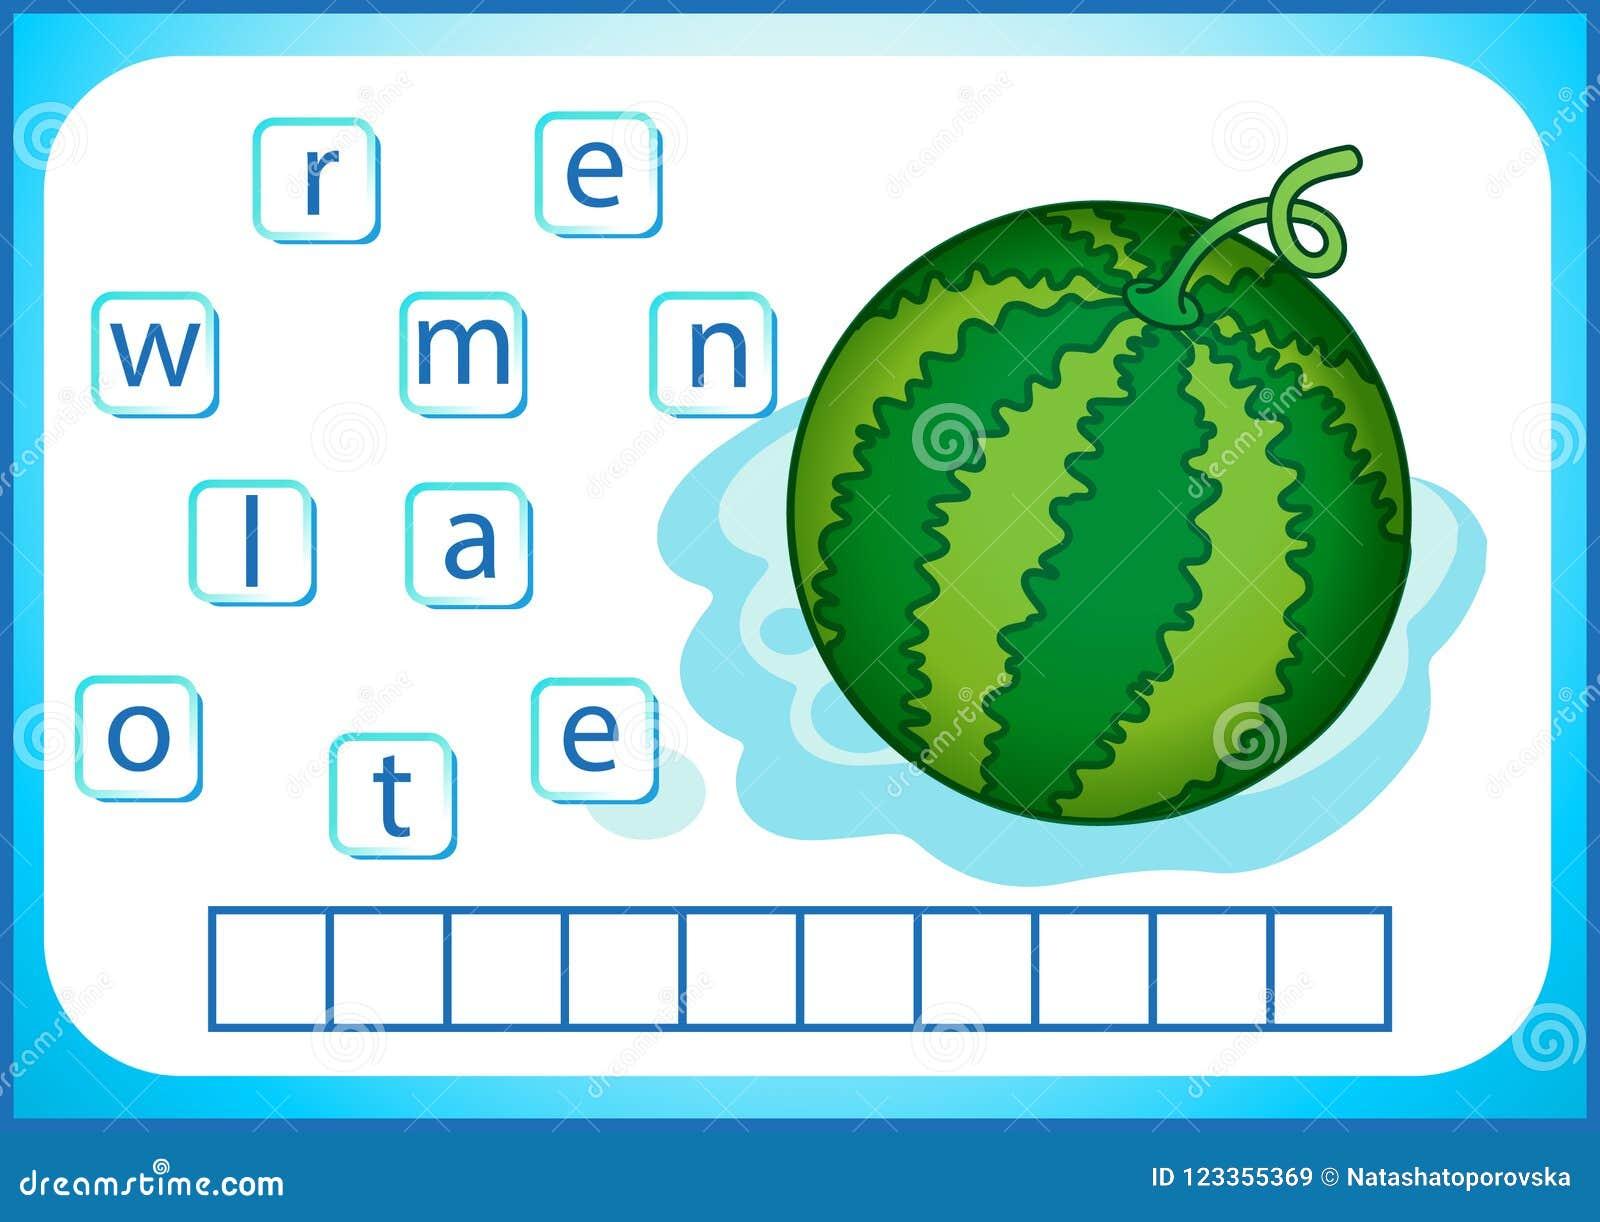 Schoolonderwijs Engelse flashcard voor het leren van het Engels Wij schrijven de namen van groenten en vruchten De woorden is een